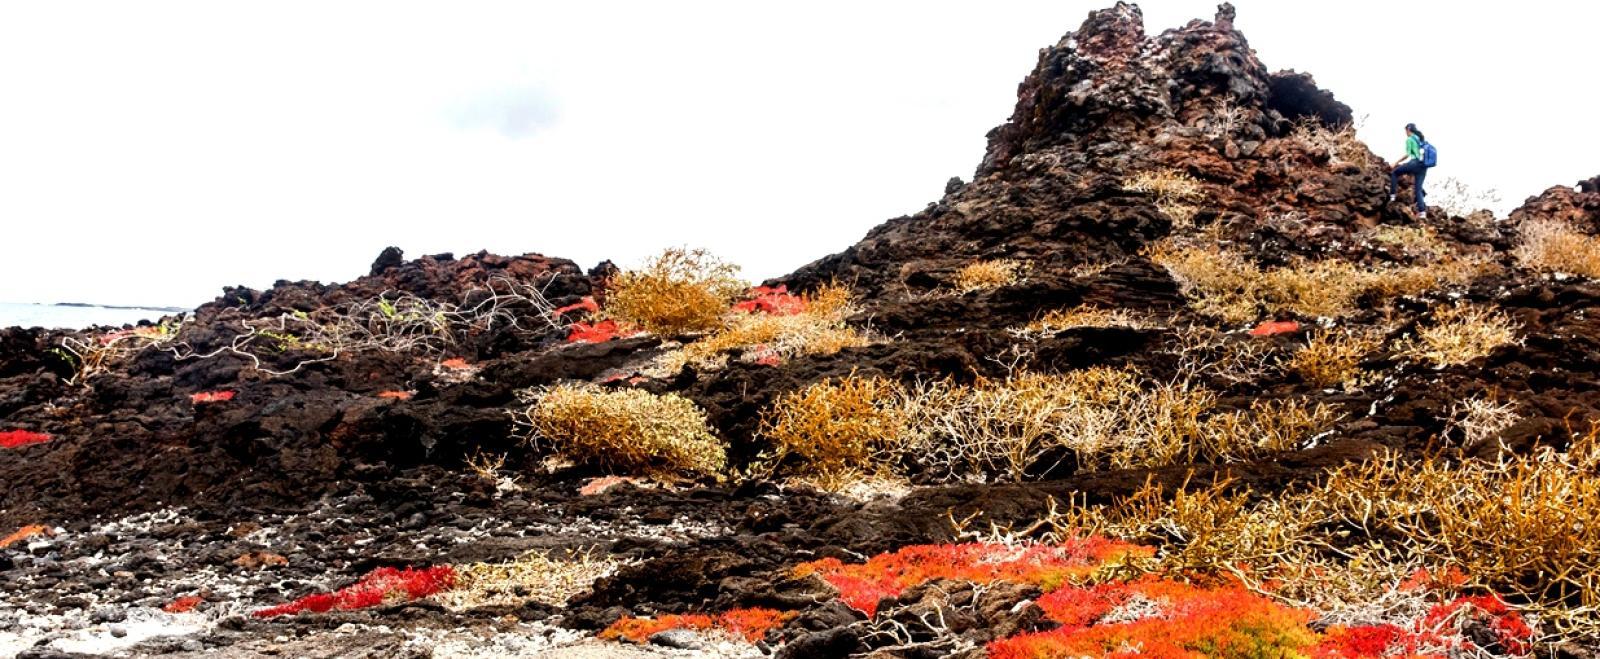 エクアドルのガラパゴス諸島の風景